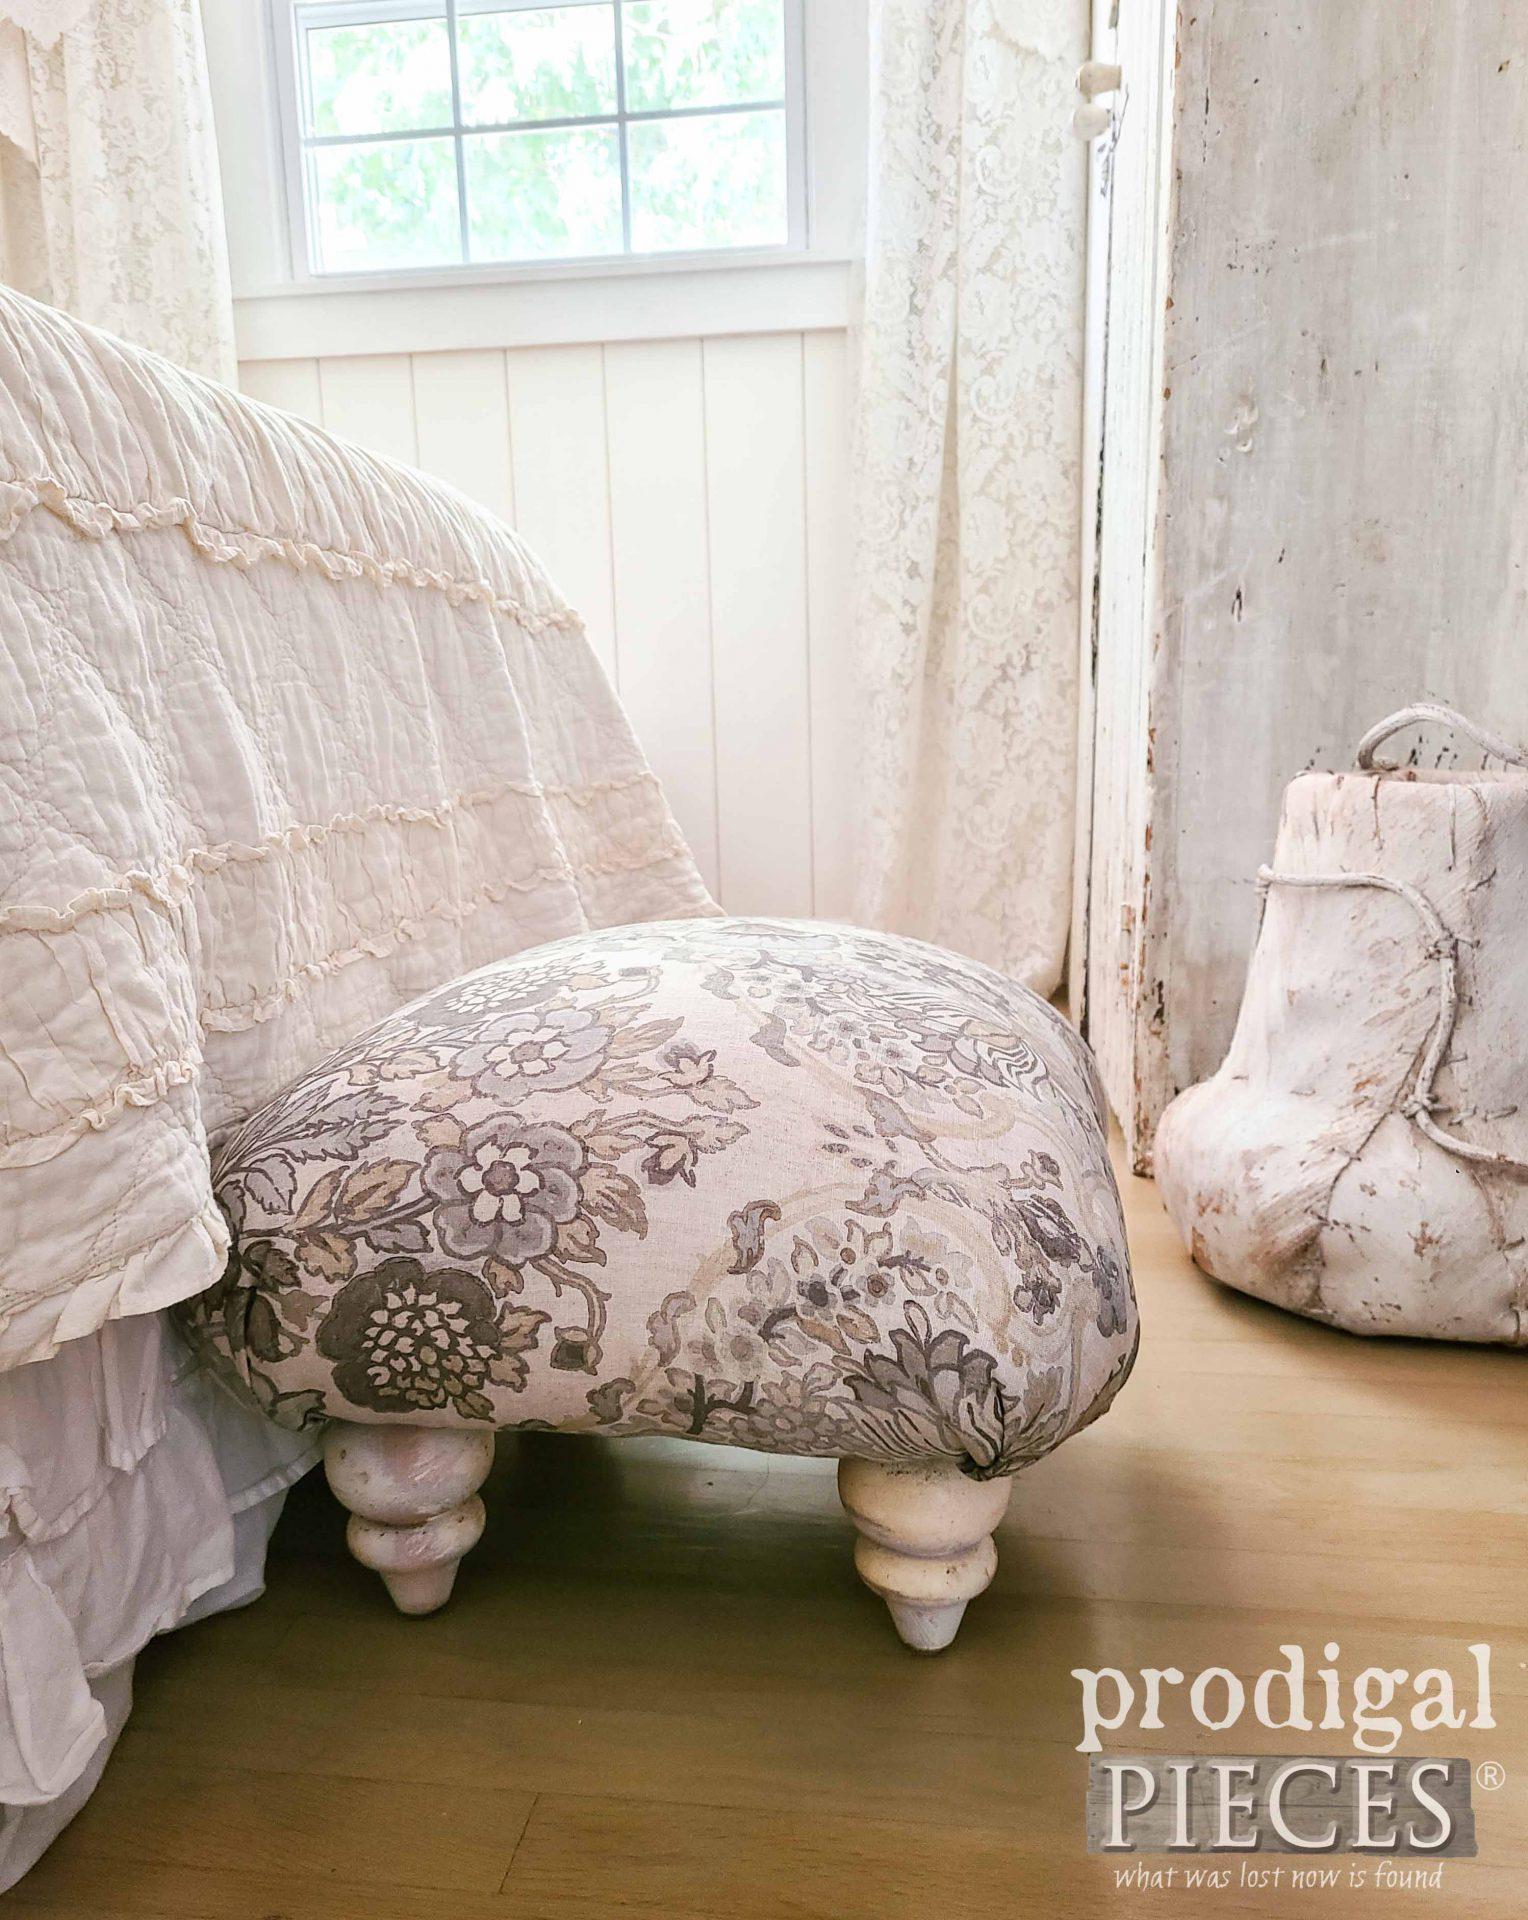 Linen Bedroom Ottoman Handmade by Larissa of Prodigal Pieces | prodigalpieces.com #prodigalpieces #linen #handmade #diy